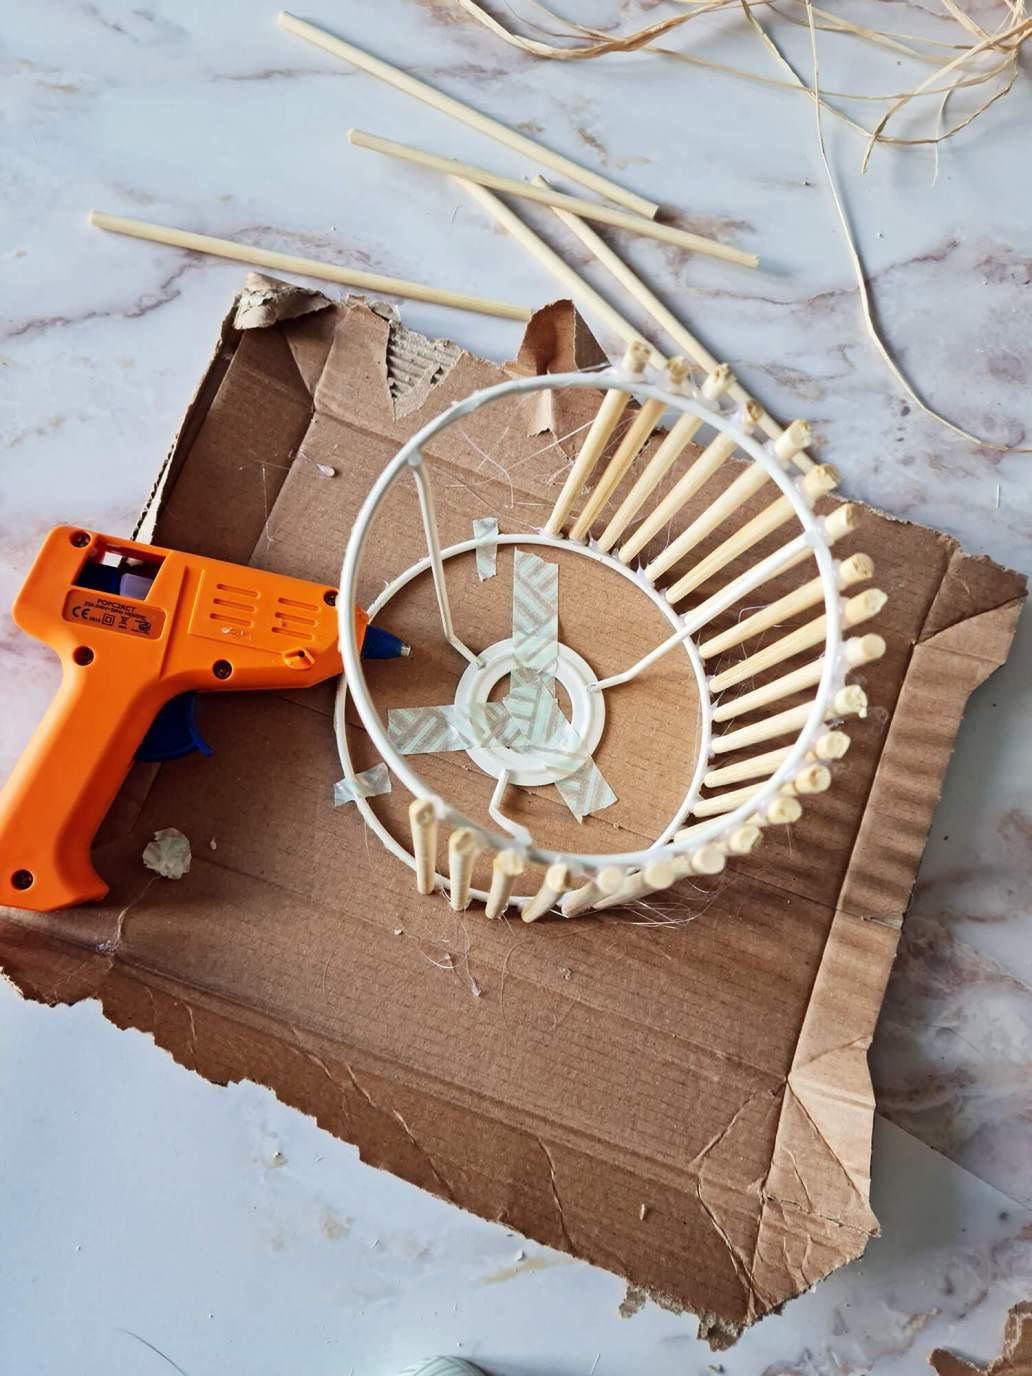 20210407 164921 - Fabriquer une lampe nature en bois pour diffuser une lumière douce